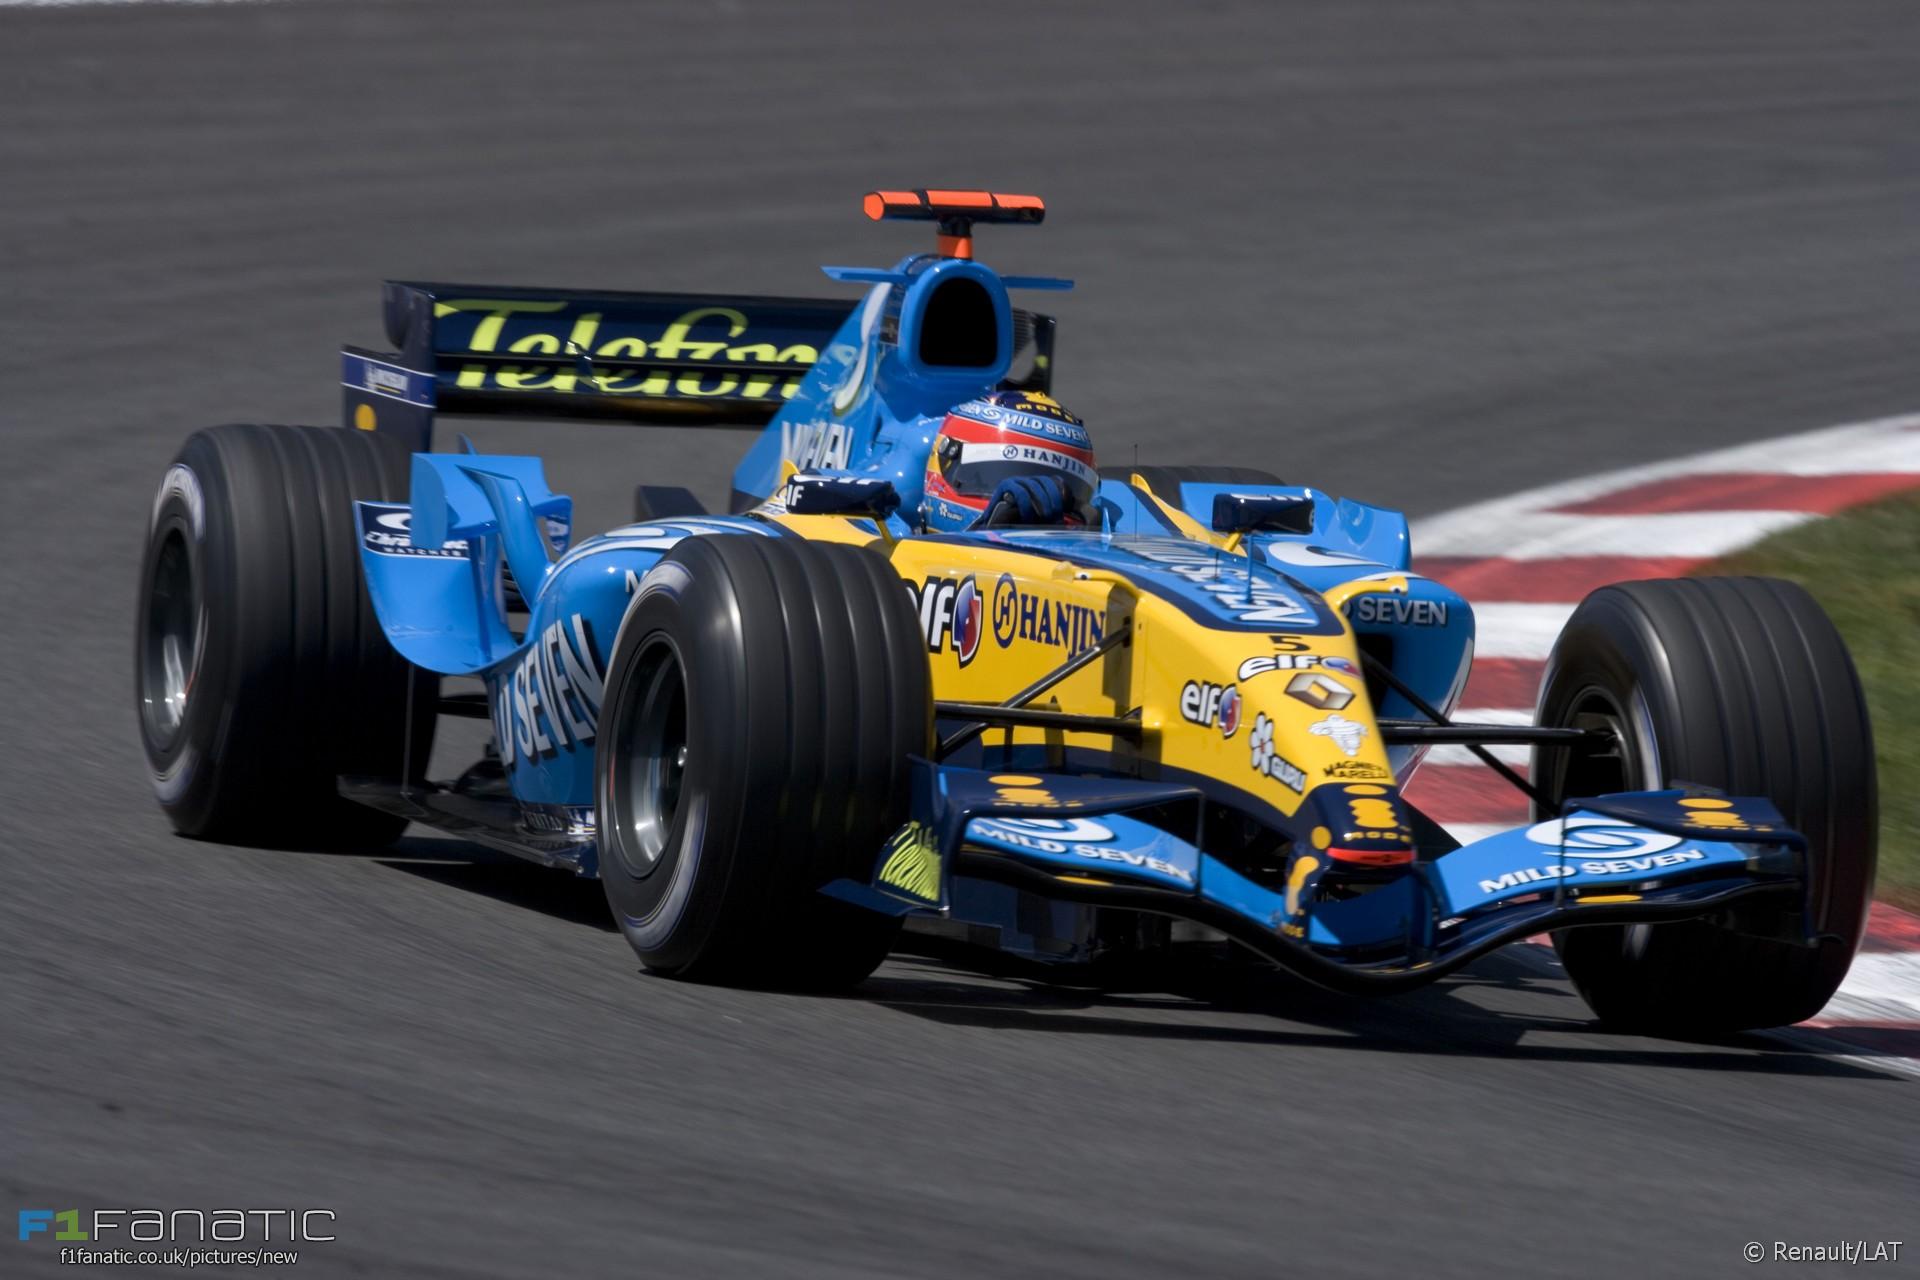 Fernando Alonso, Renault, Circuit de Catalunya, 2005